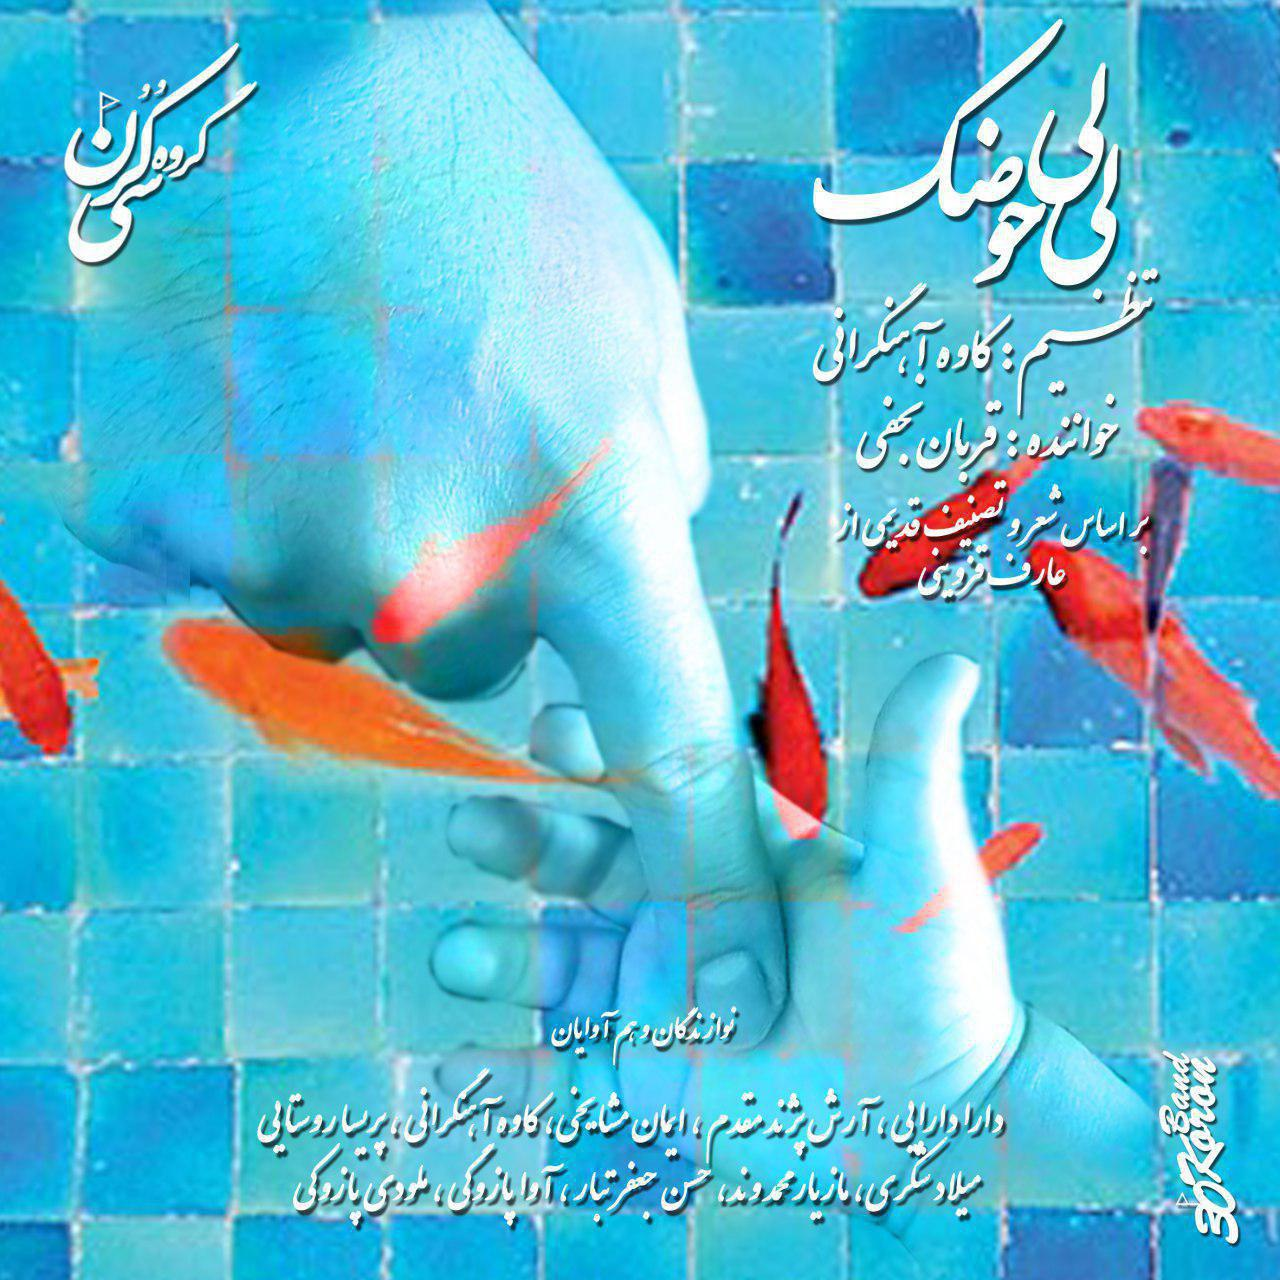 بازیگر ایرانی، تصنیف عارف قزوینی را خواند